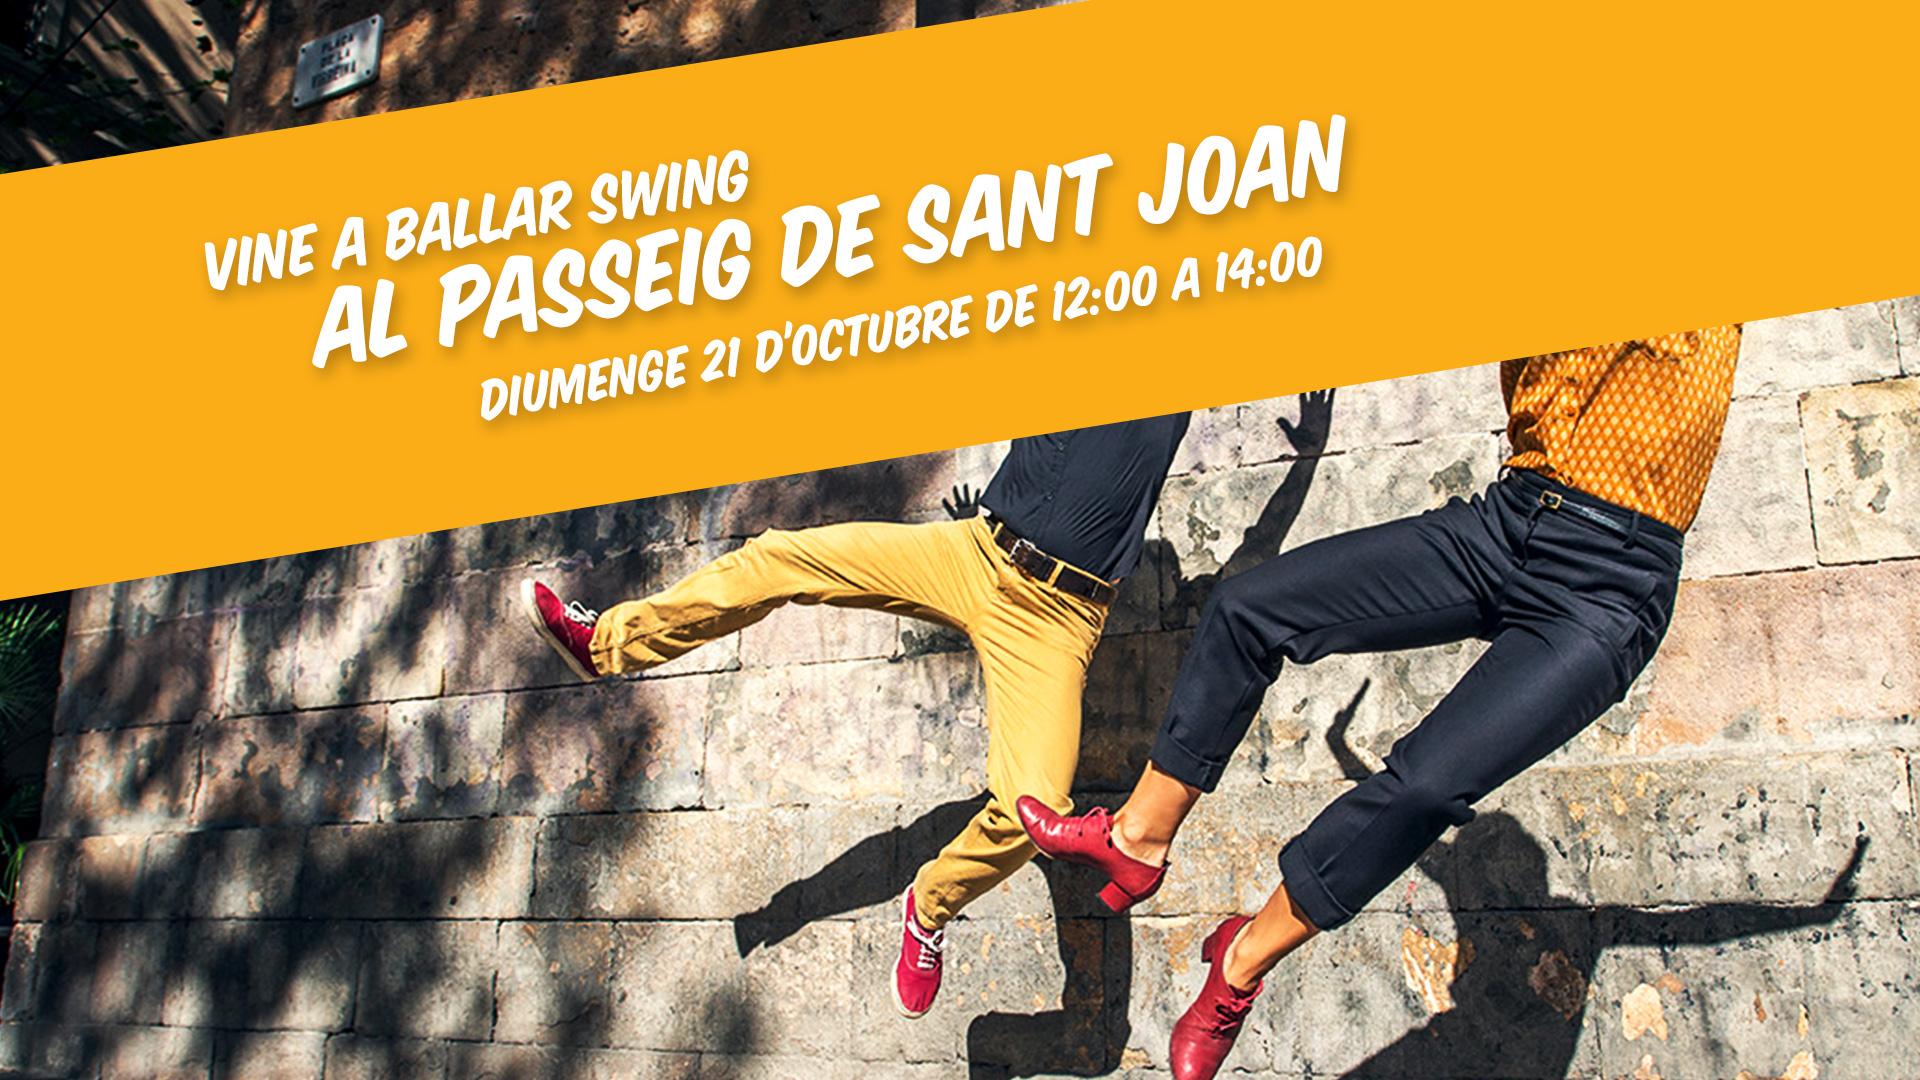 Ball al aire lliure al Passeig de Sant Joan! @ Passeig Sant Joan | Barcelona | Catalunya | Espanya